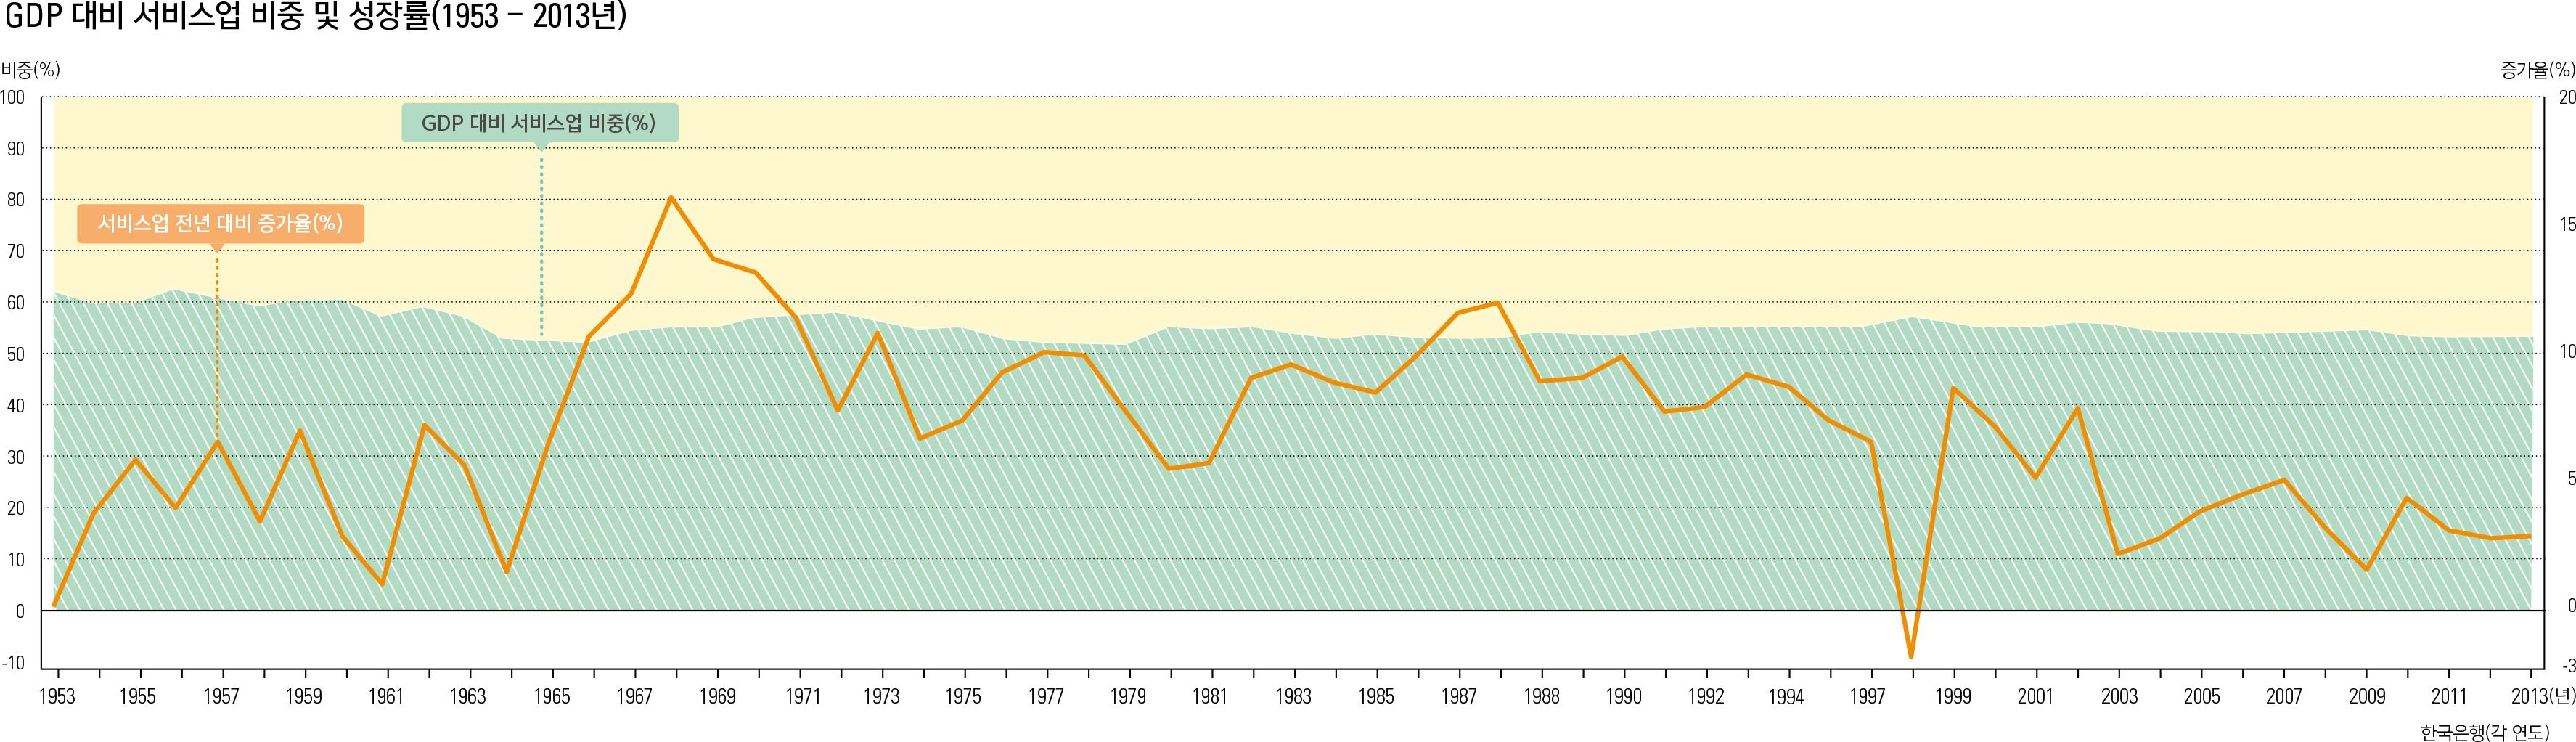 GDP 대비 서비스업 비중 및 성장률(1953 - 2013년)